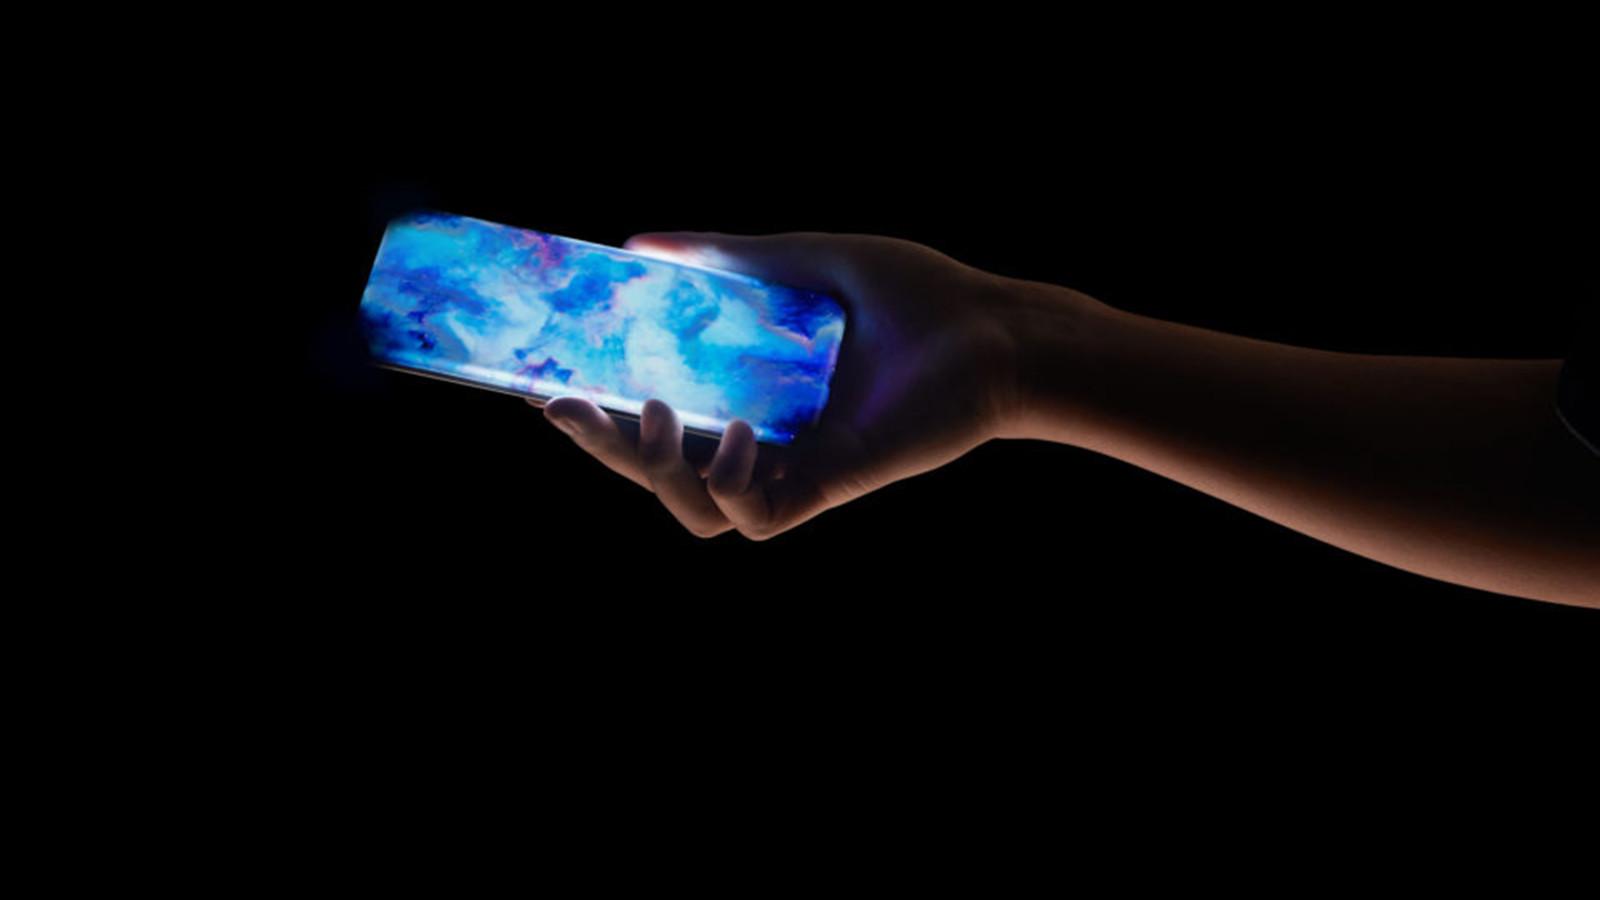 Xiaomi stellt ein Konzept-Smartphone mit innovativem Display vor.